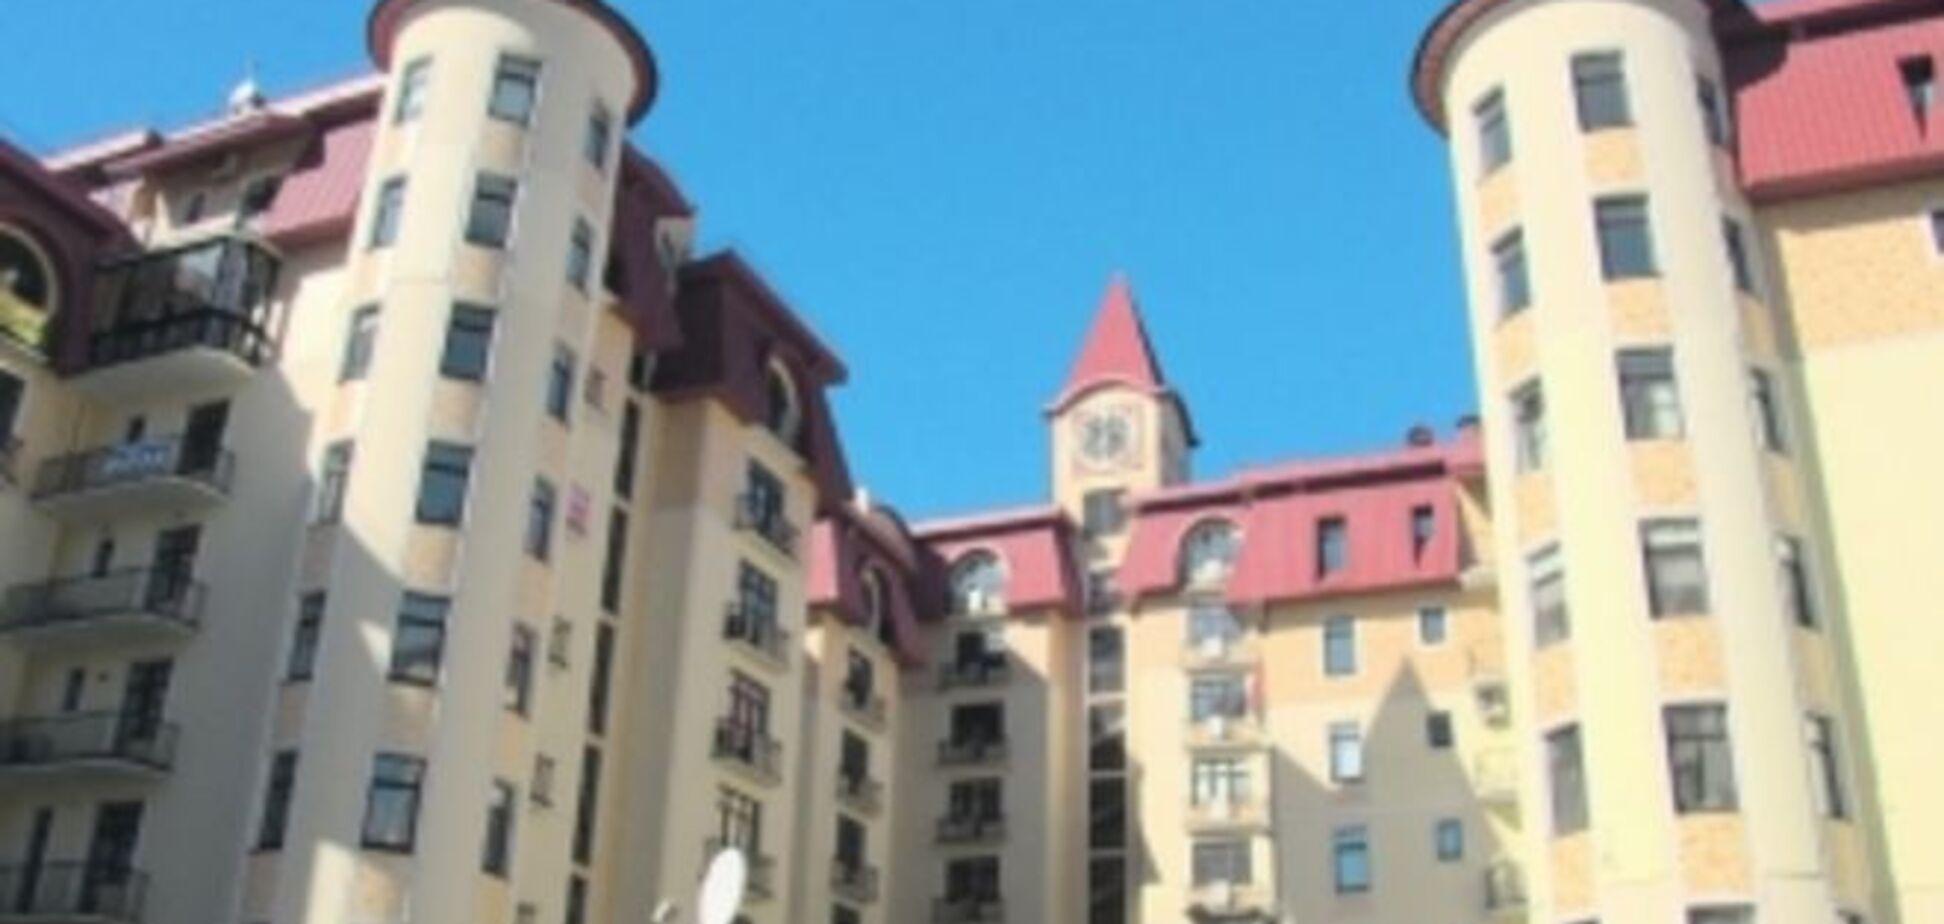 Элитное жилье чиновников: Турчинов отгородился от Авакова забором